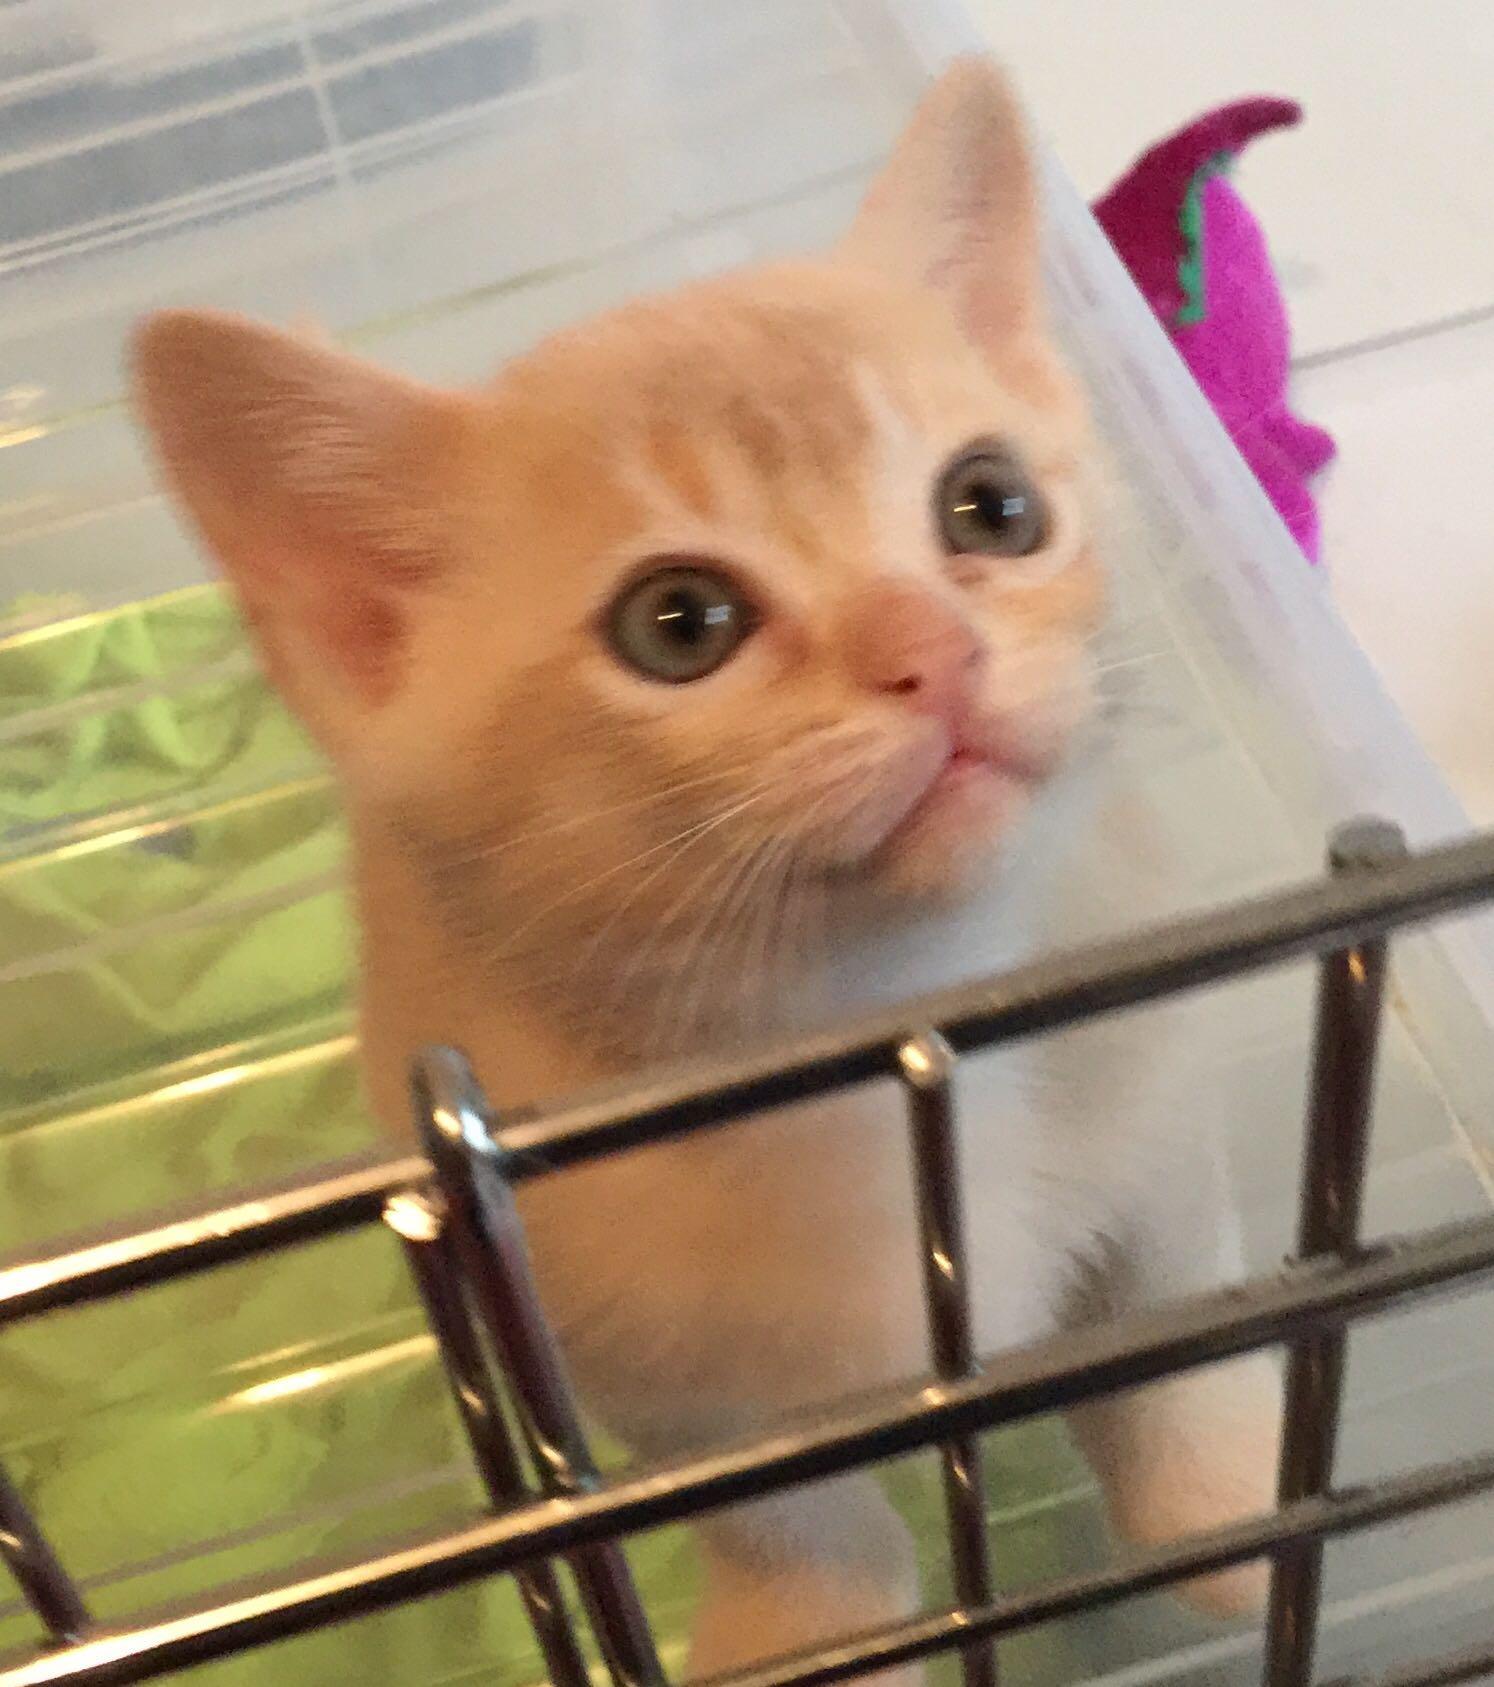 澳门缅甸猫 澳门有没有缅甸猫 澳门缅甸猫多少钱